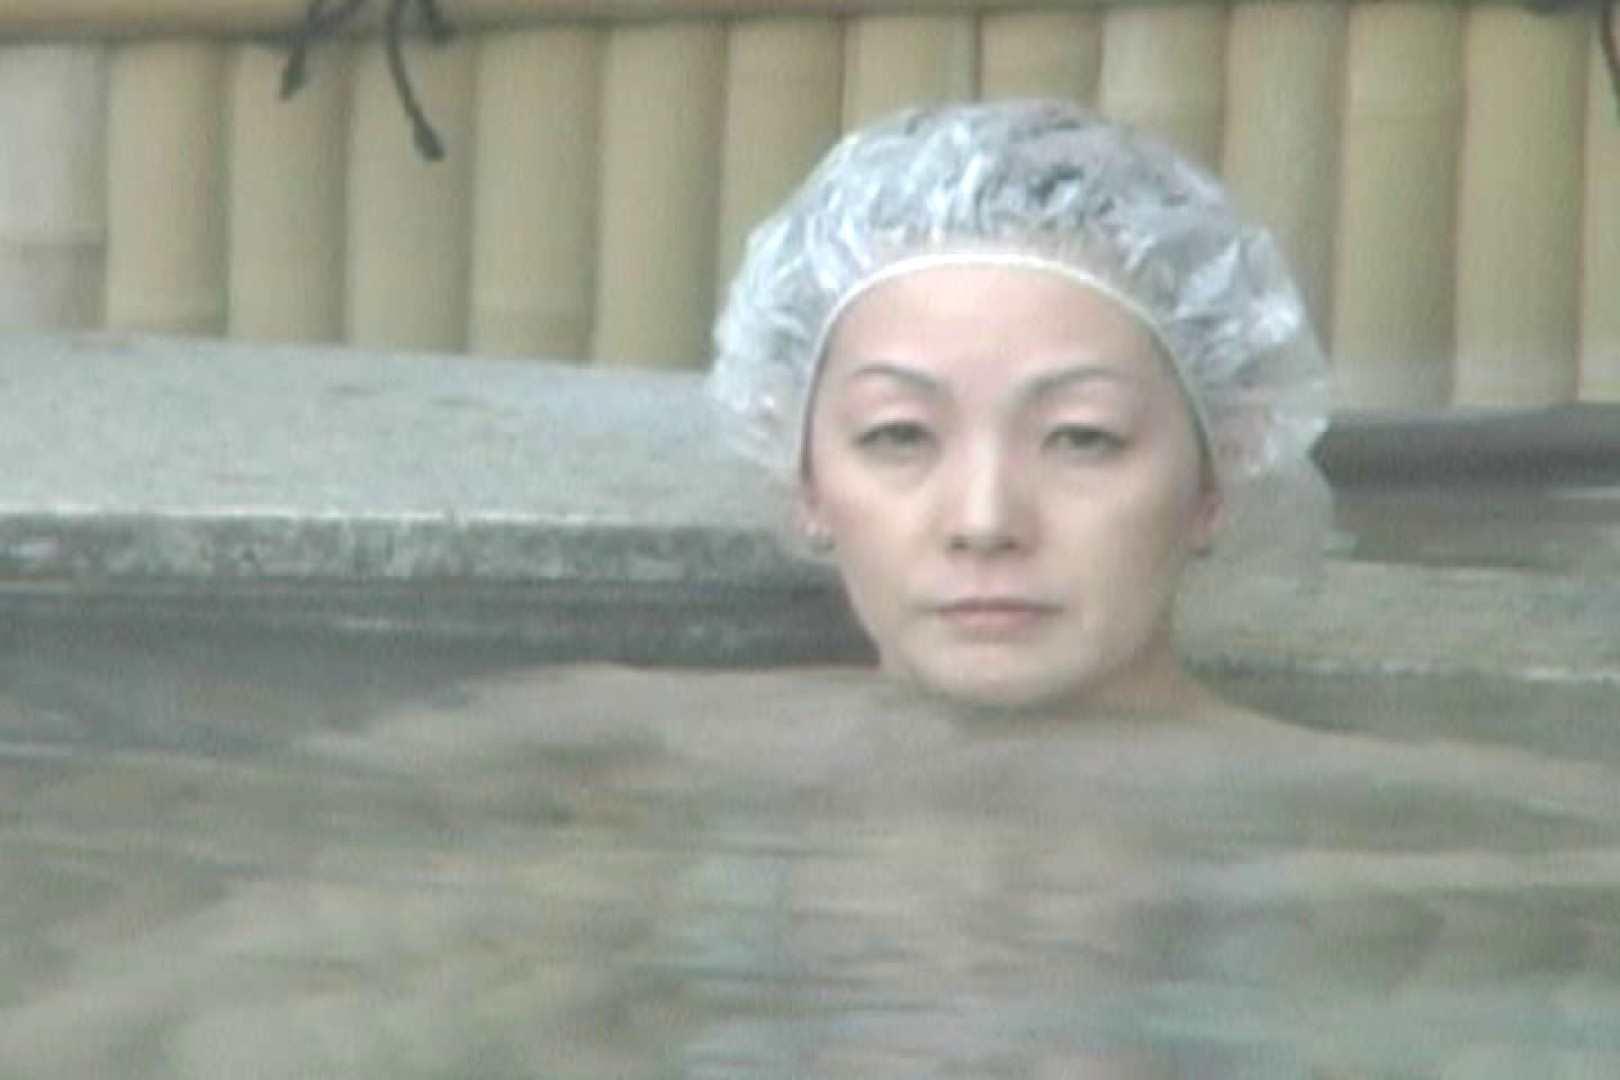 Aquaな露天風呂Vol.592 盗撮師作品 | 美しいOLの裸体  91pic 10